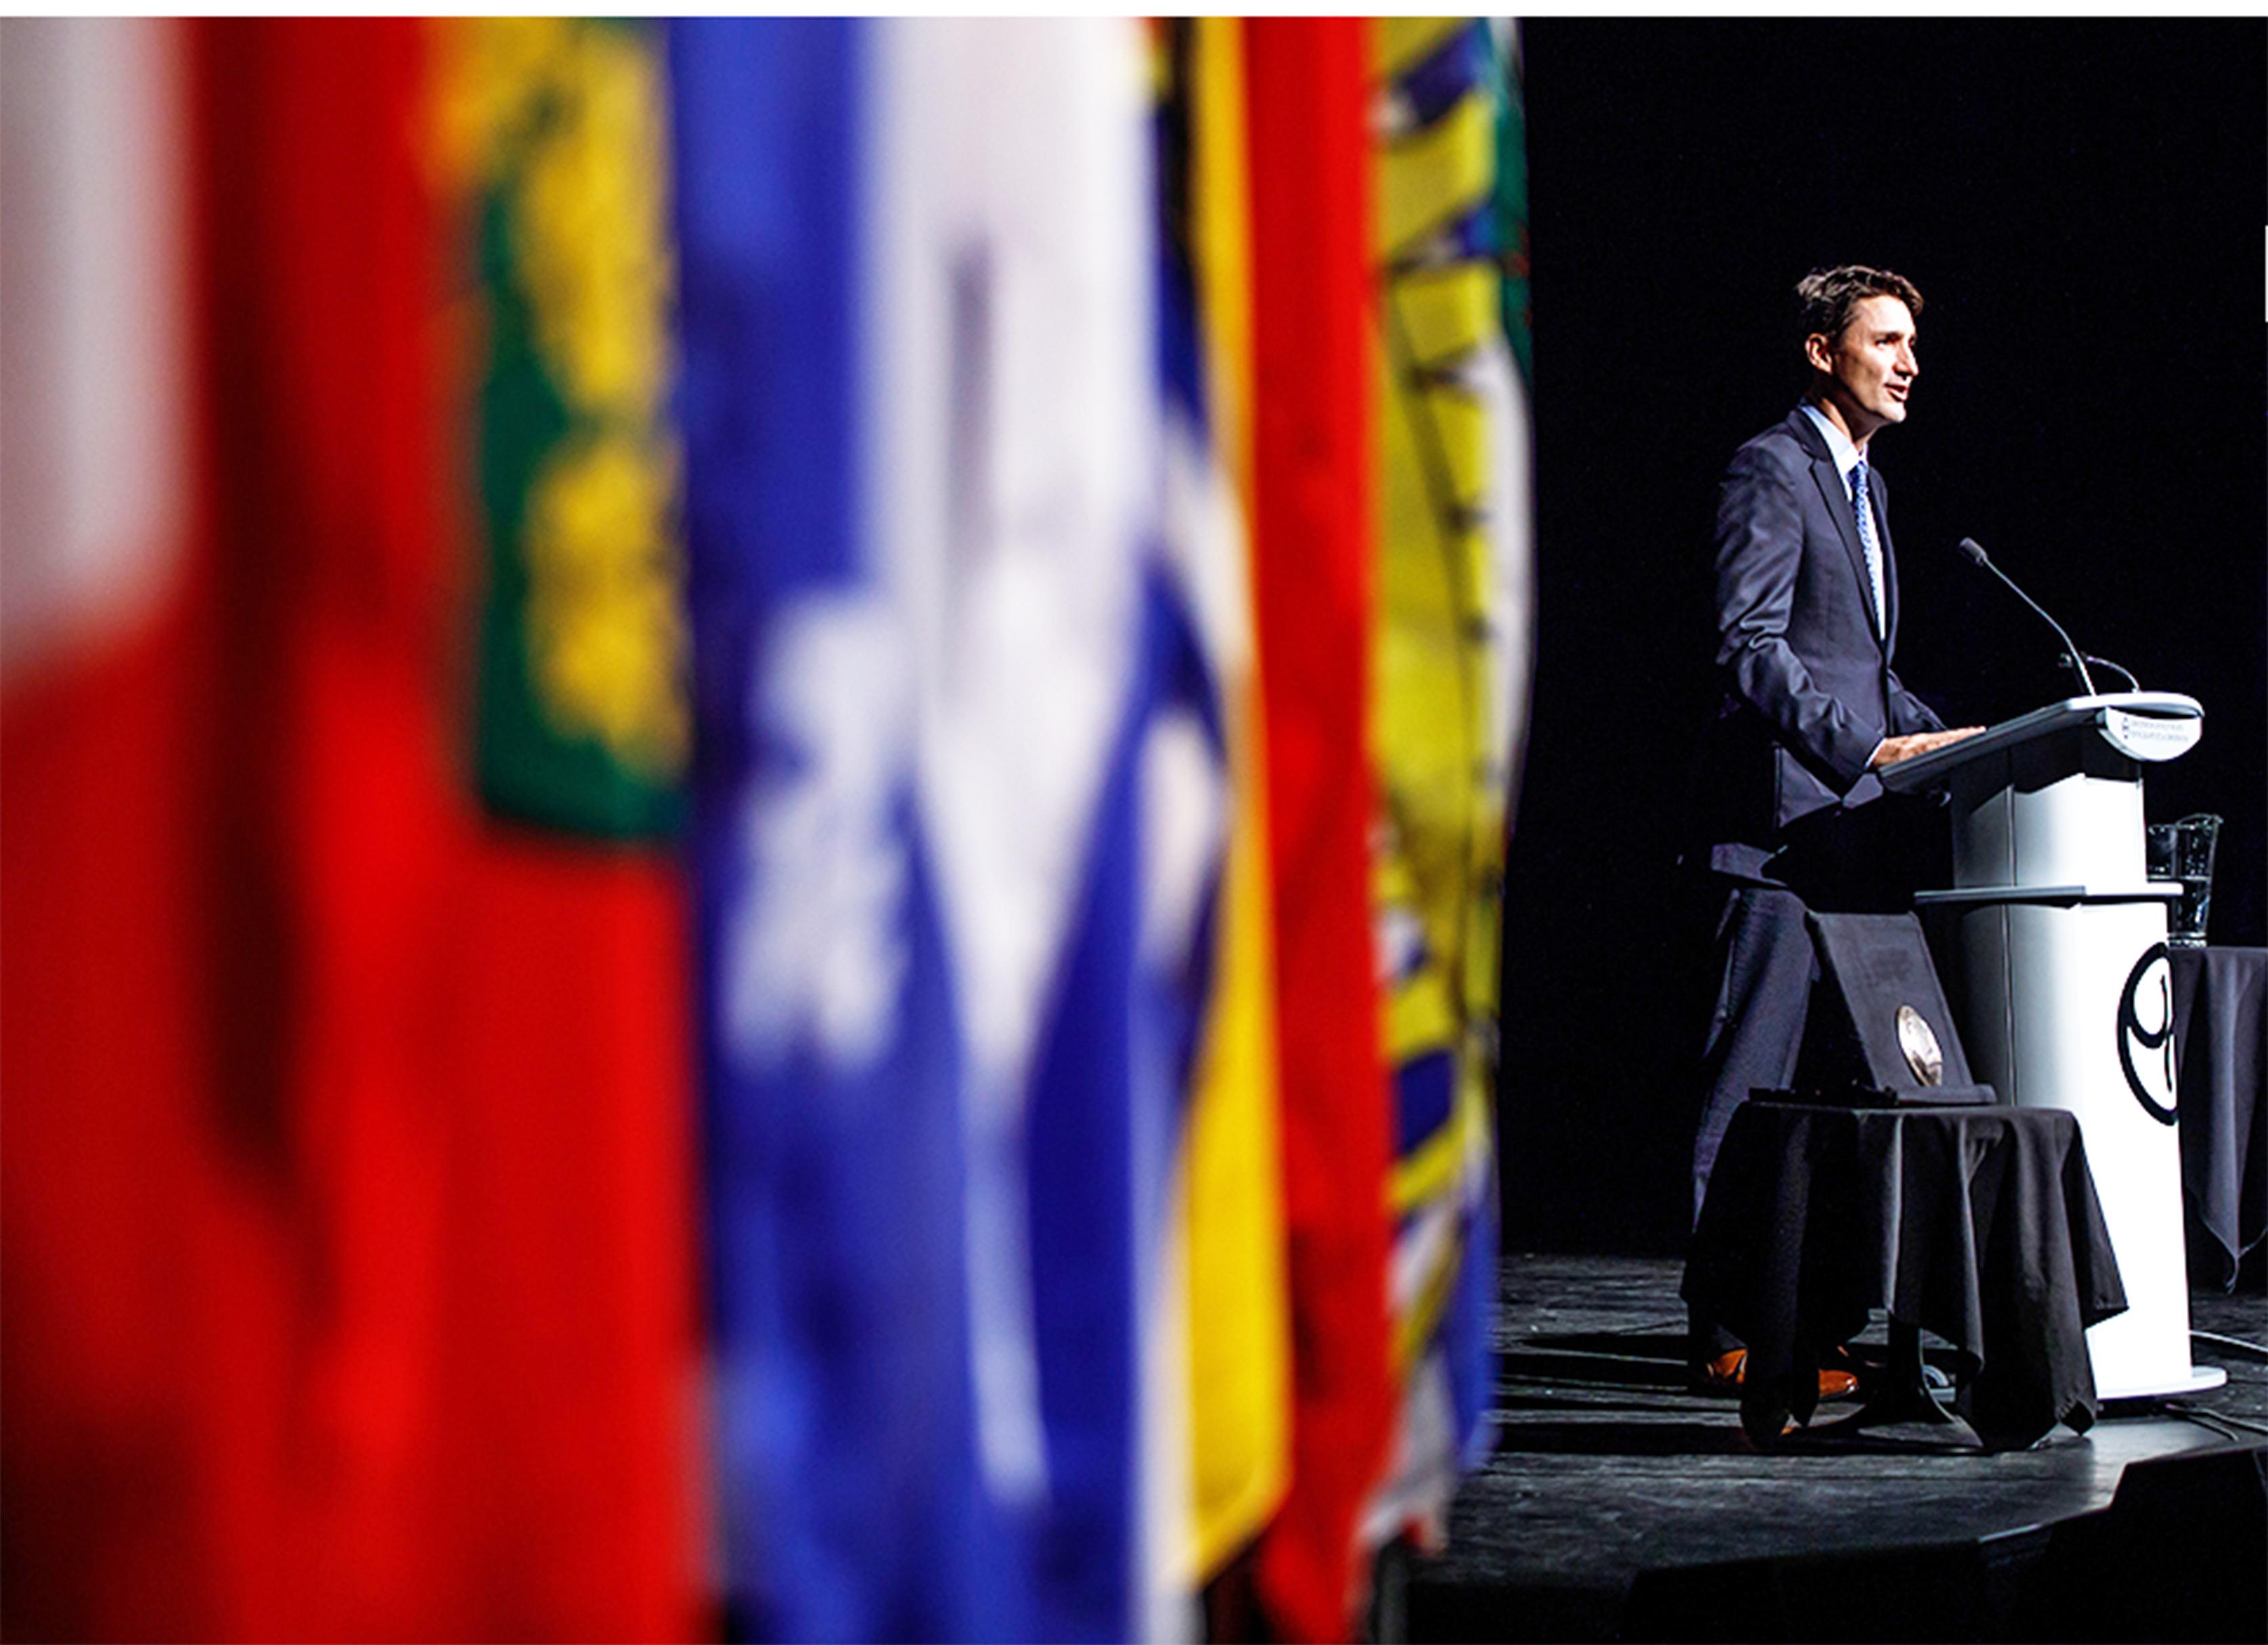 트뤼도 총리,캐나다 북핵 중재 가능 시사